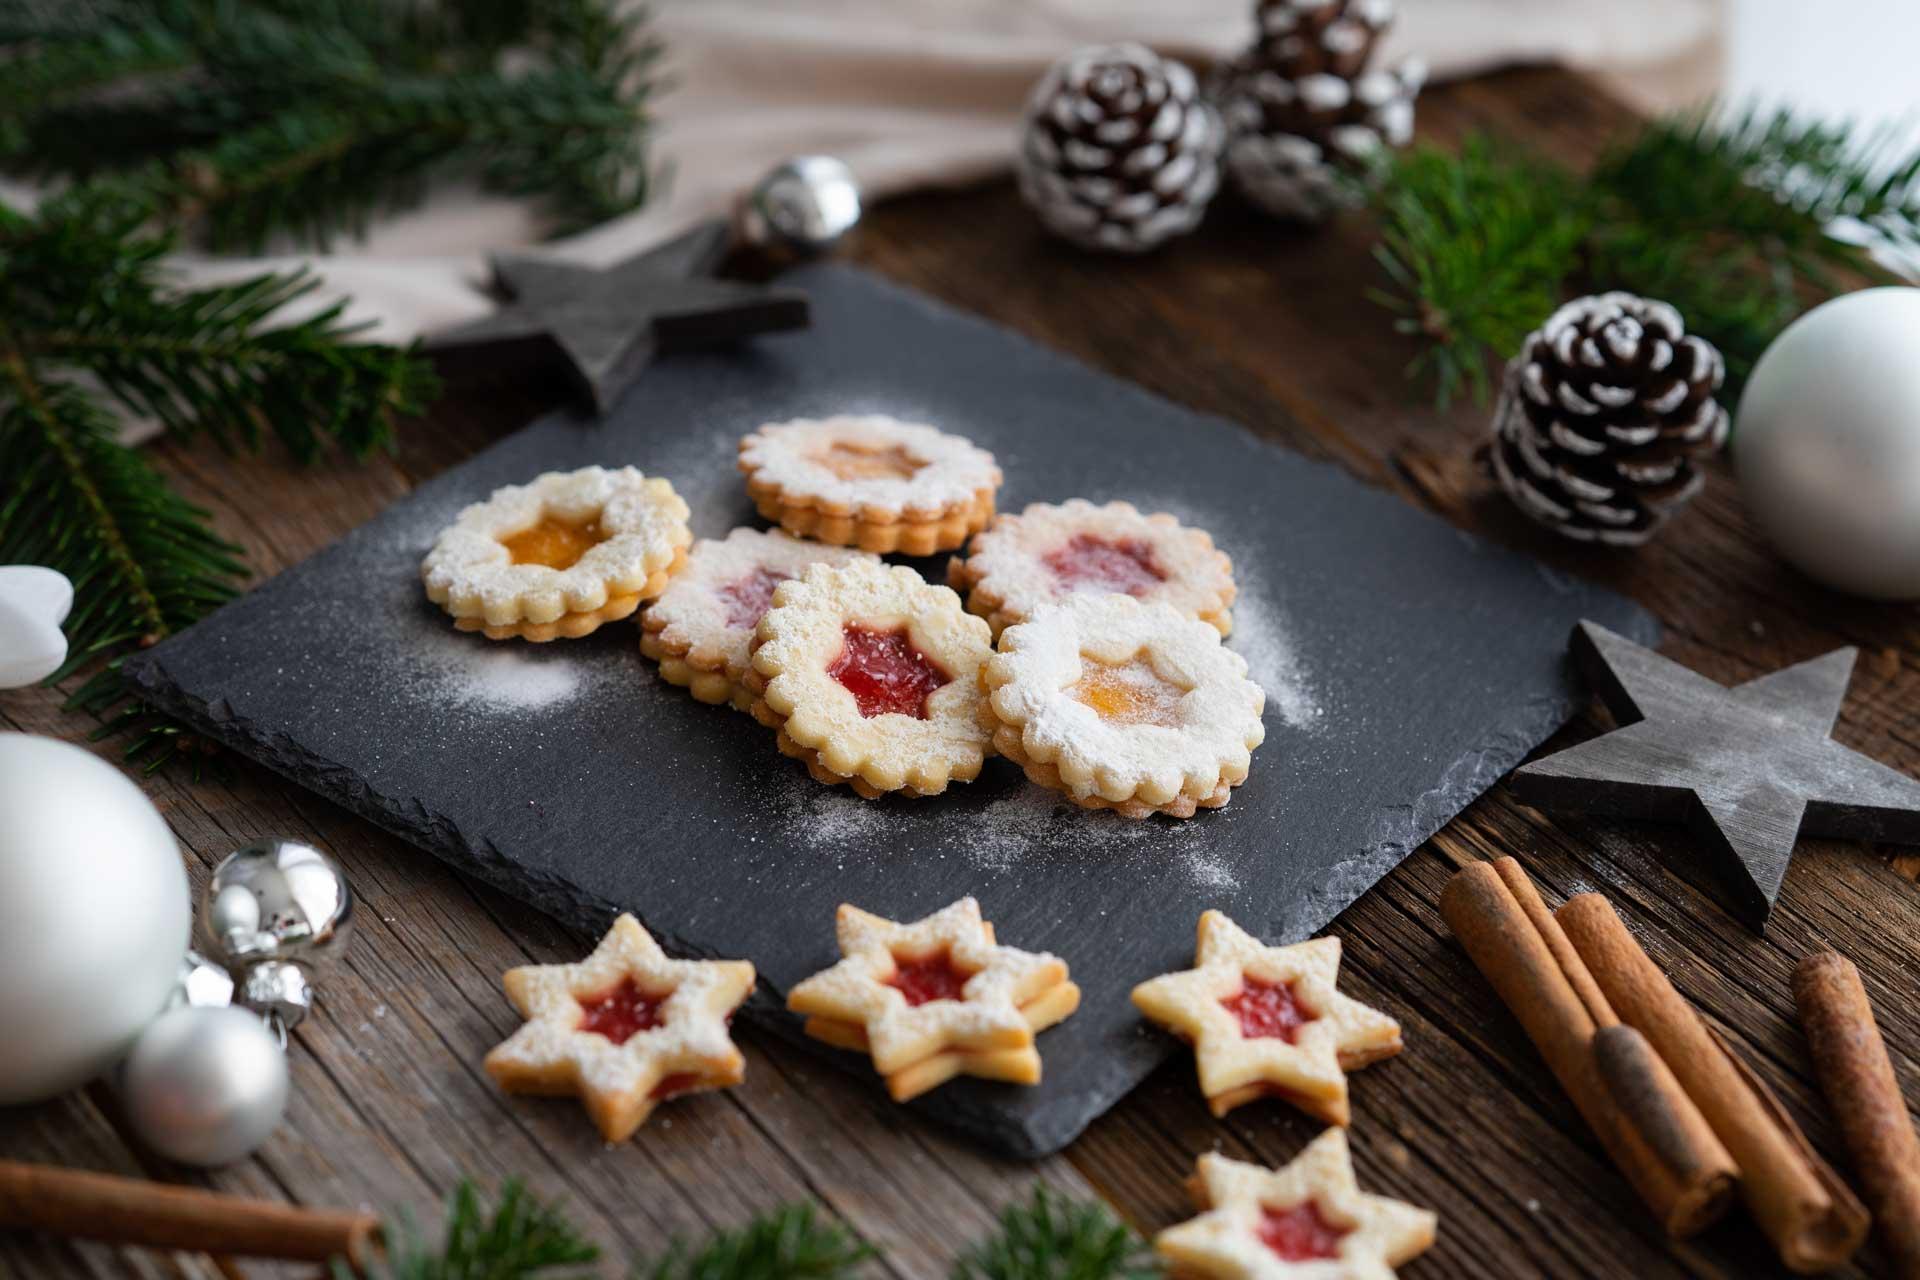 Kekse mit Loch, mit Marmelade gefüllt, Staubzucker bestreut